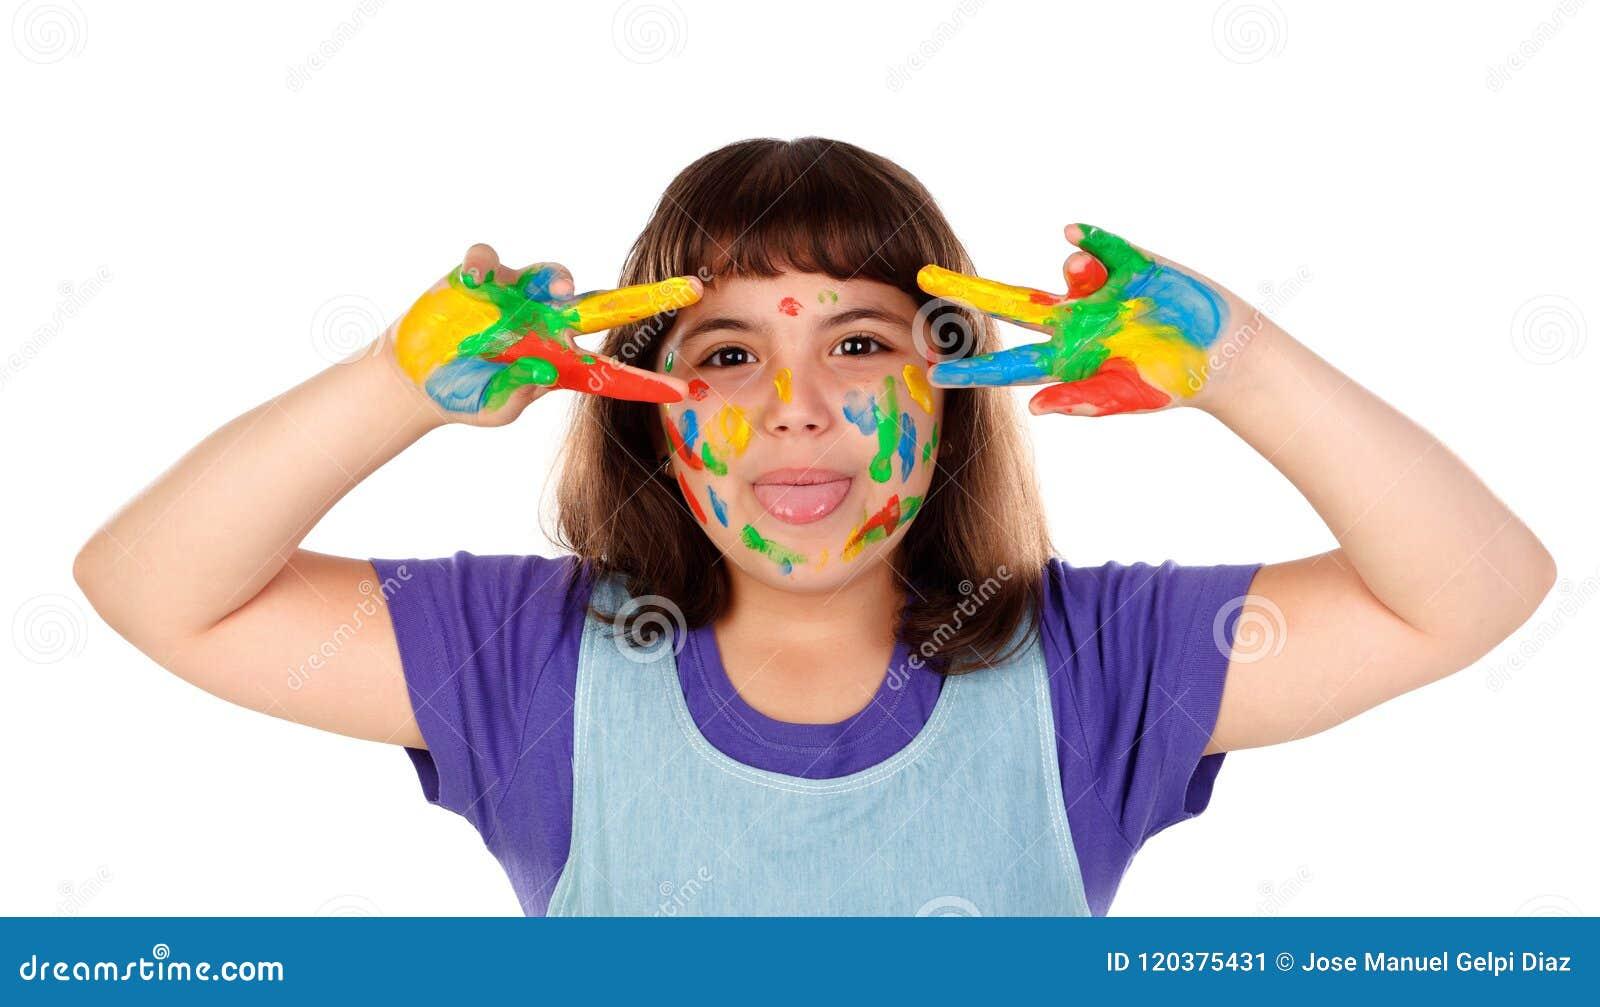 Den roliga flickan med hennes händer smutsar ner av målarfärg